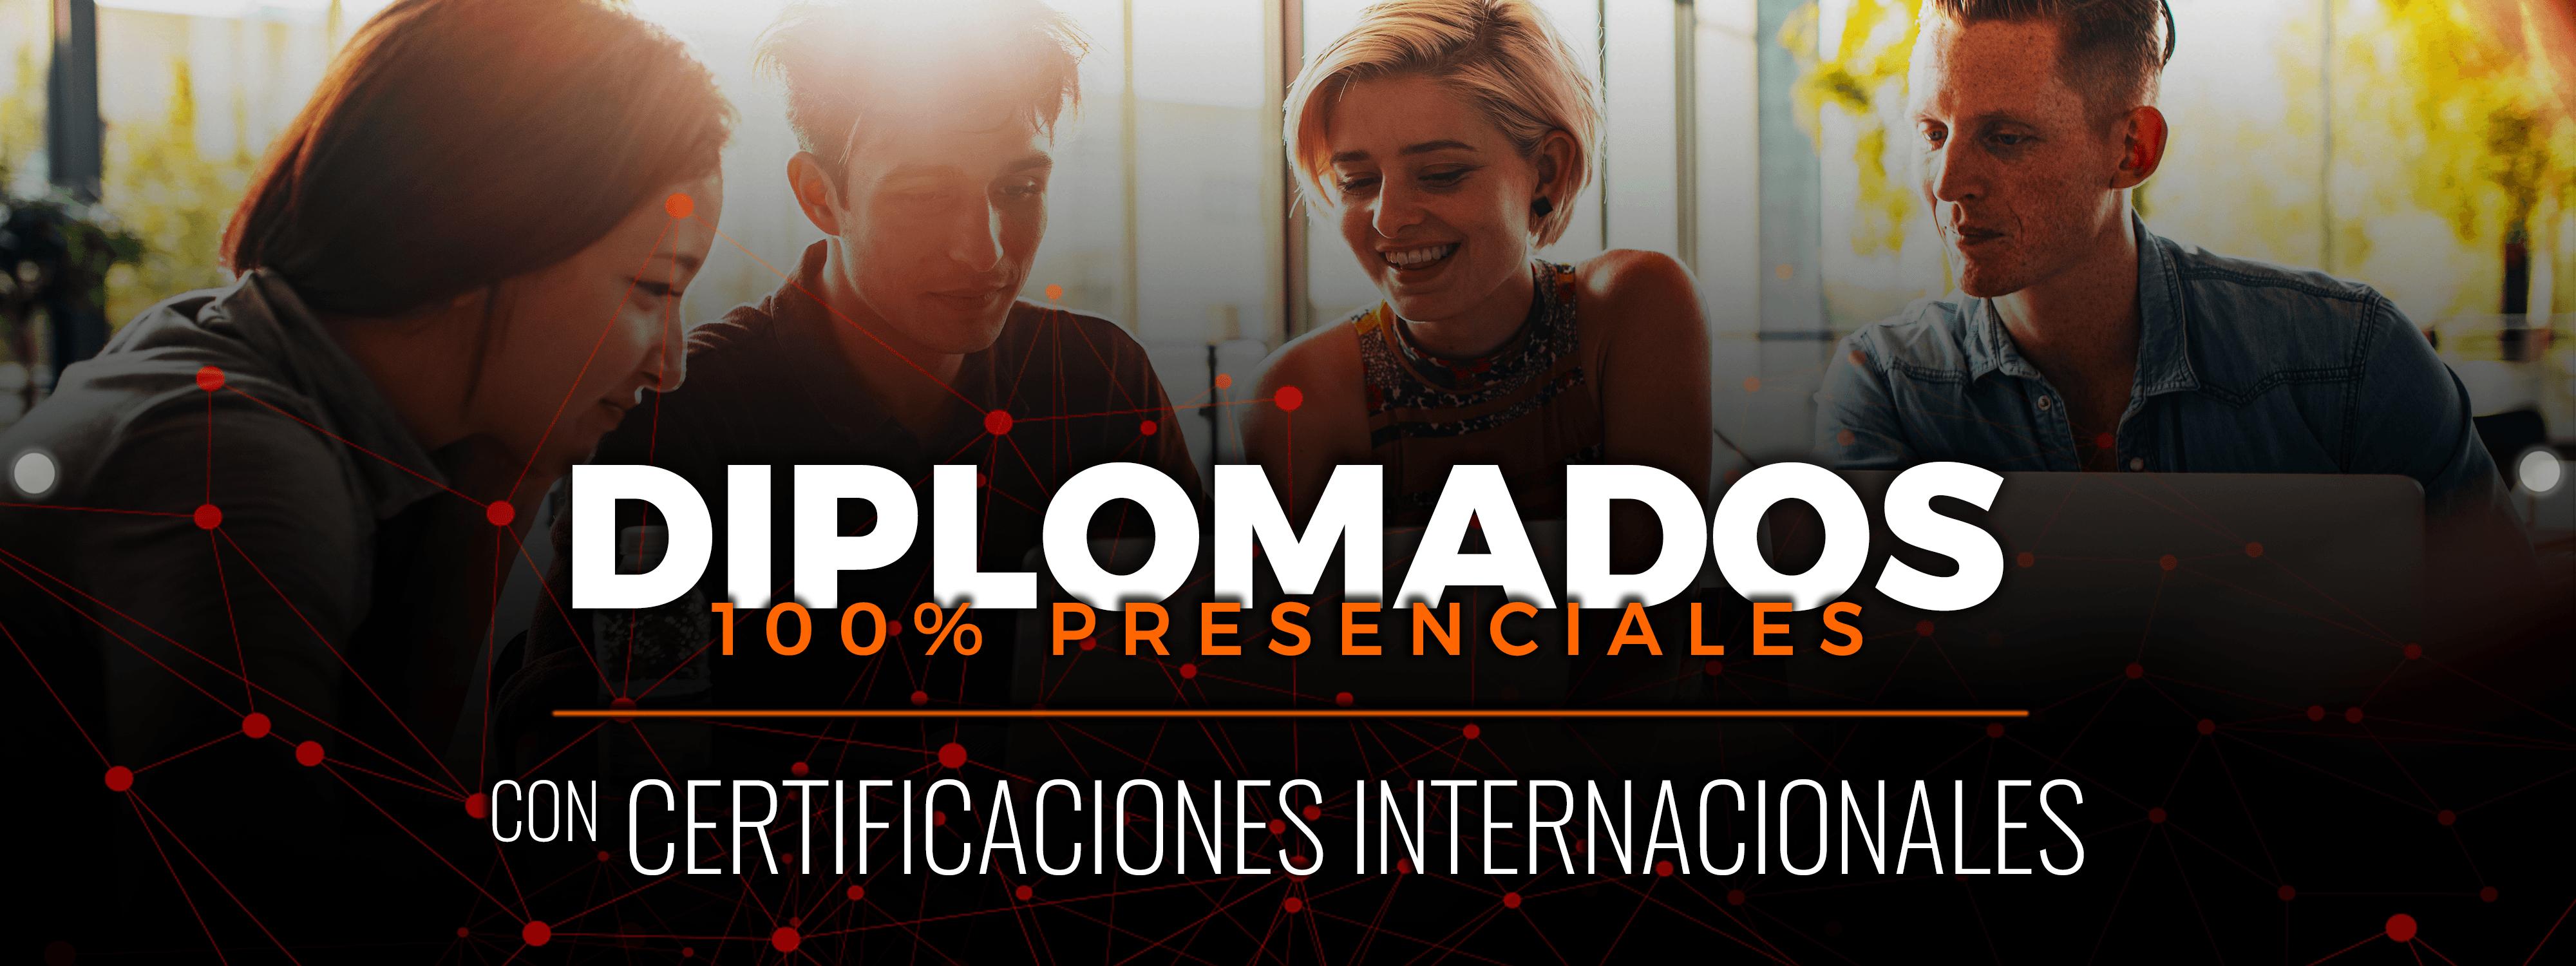 Diplomados_con_certificaciones_internacionales